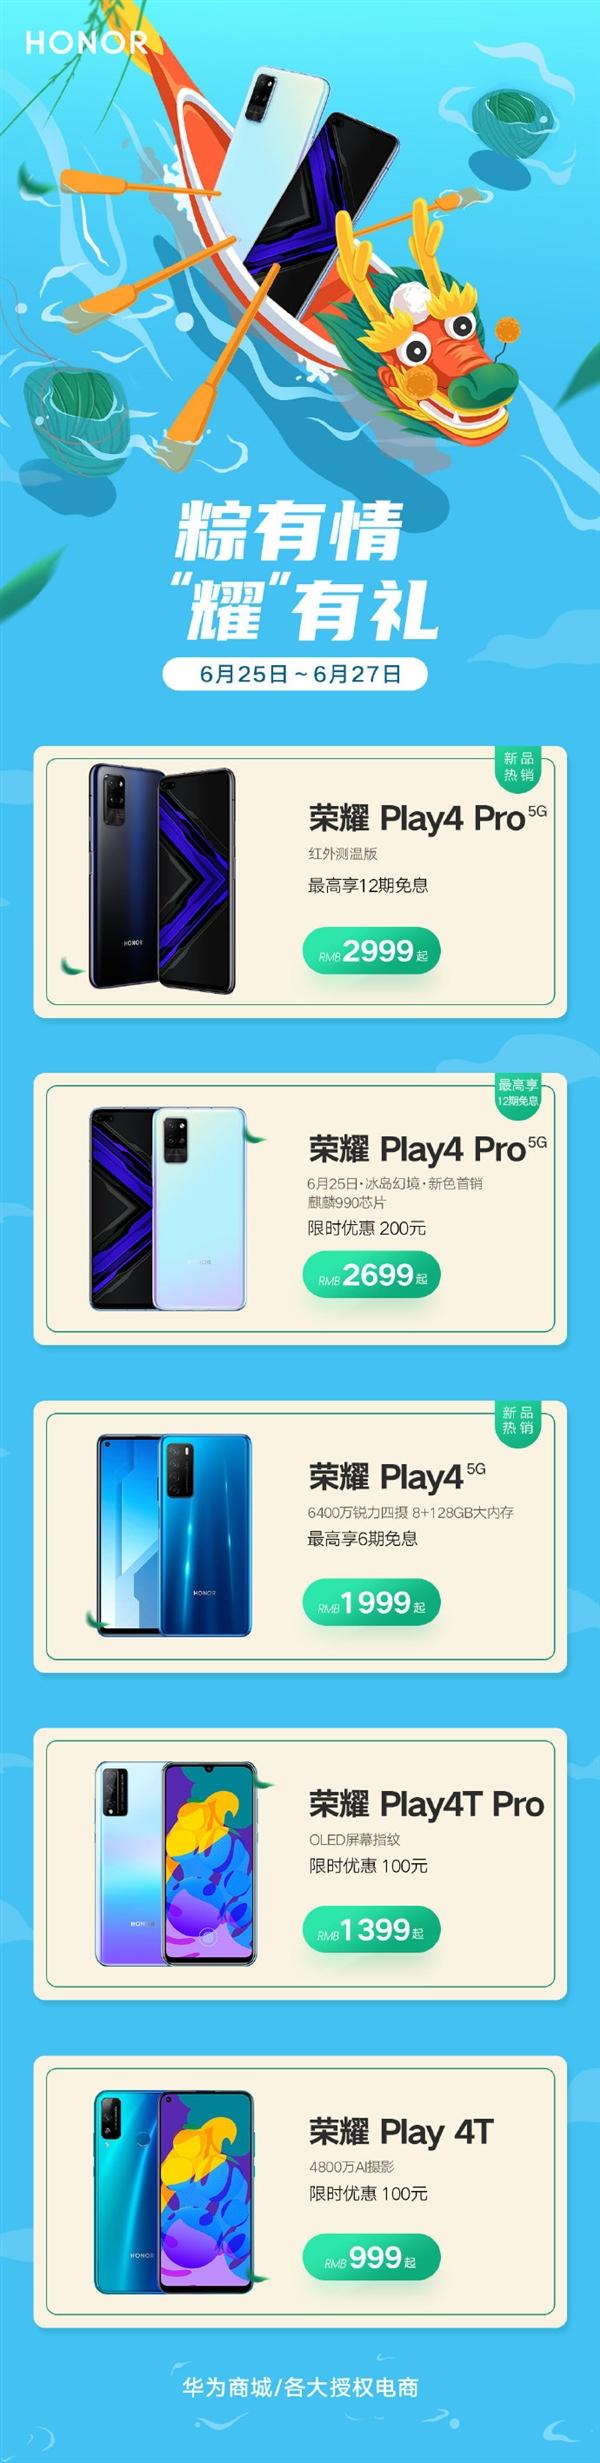 麒麟990添持 荣耀Play4 Pro冰岛幻境新色始销:限时优惠200元